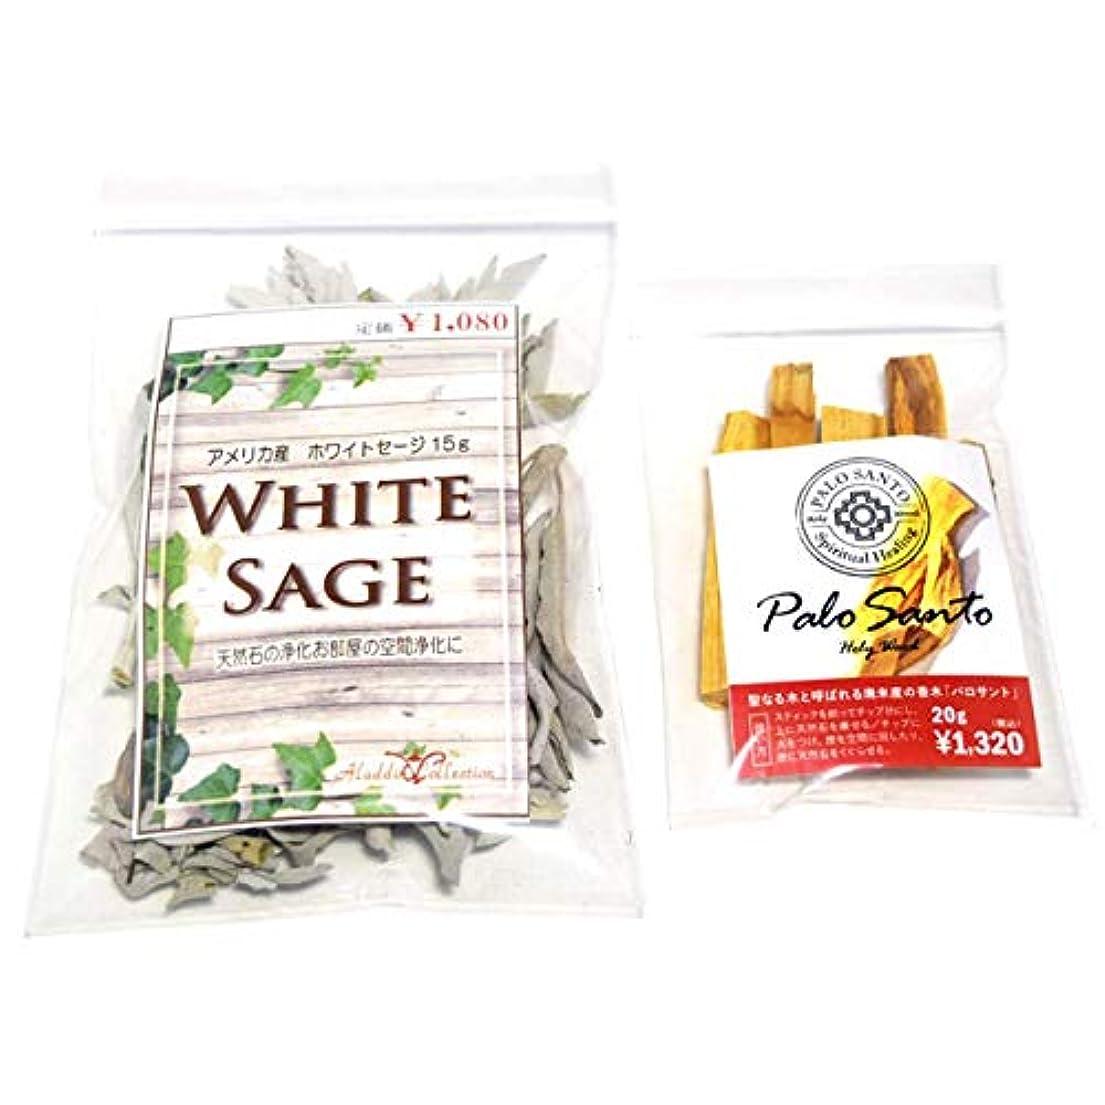 被害者ご飯作動するホワイトセージ15g パロサント20g セット 浄化 お香 インセンス